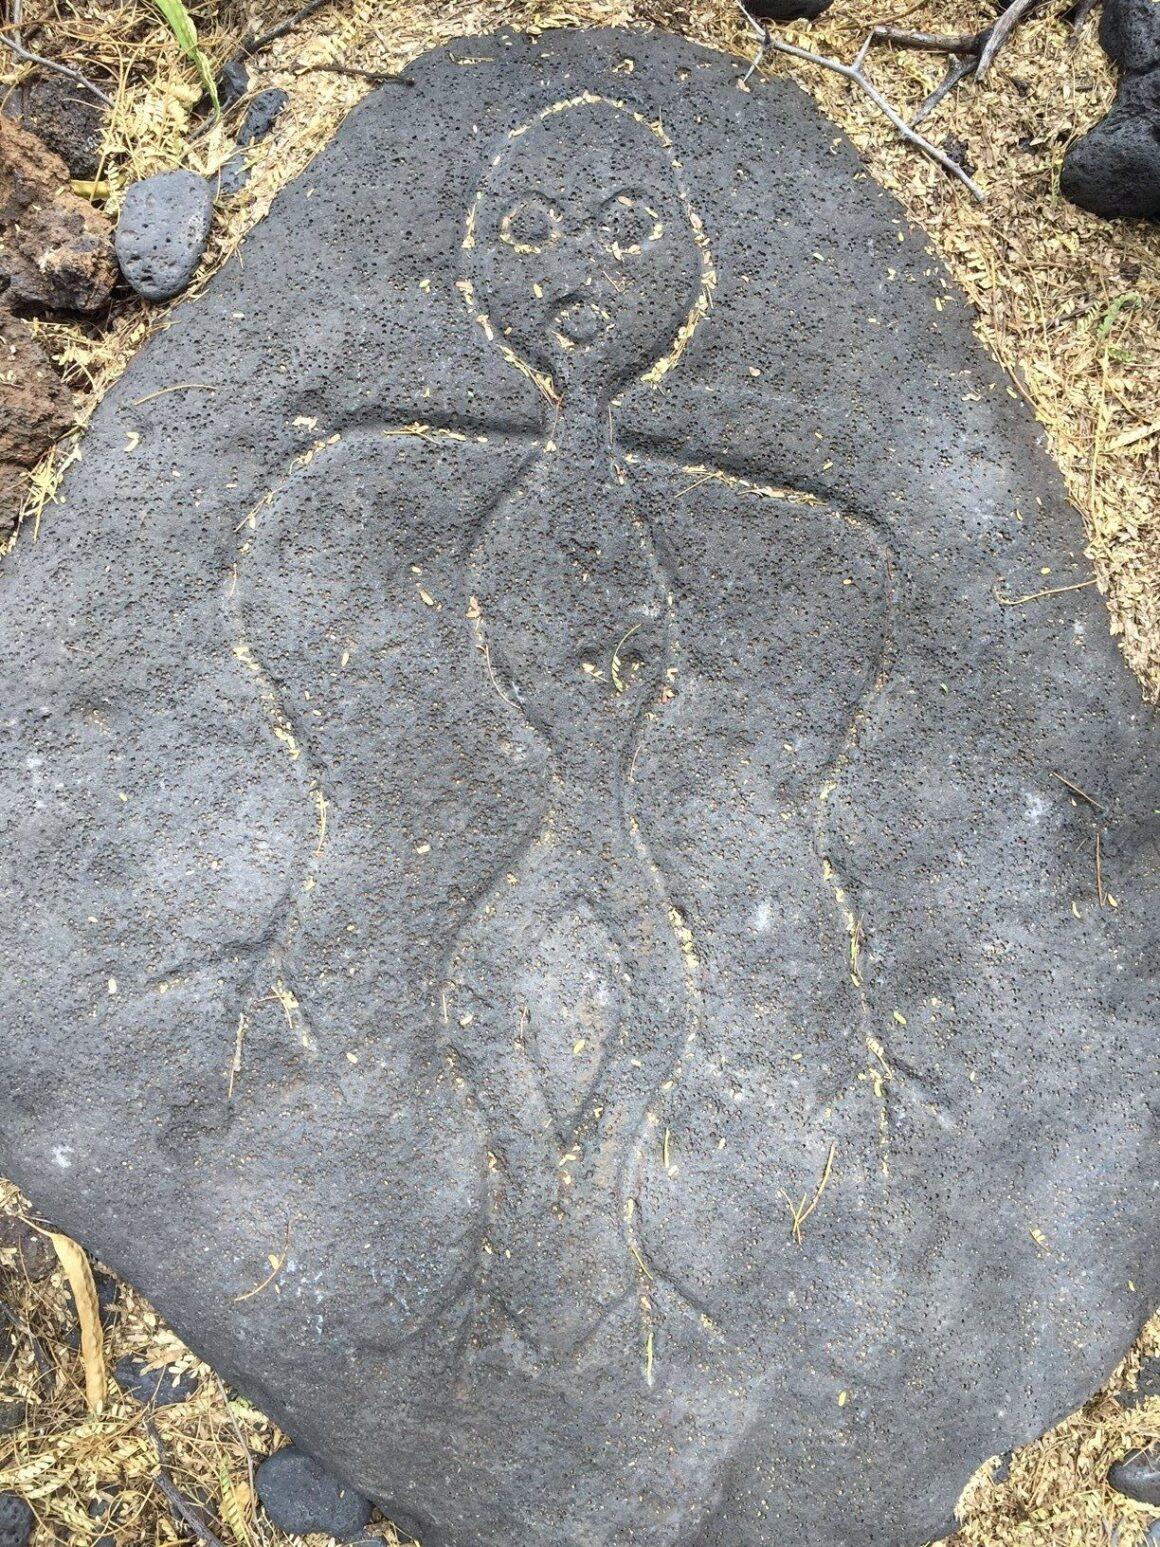 Petroglyph 5 on the Pu'u Loa Petroglyph Trail